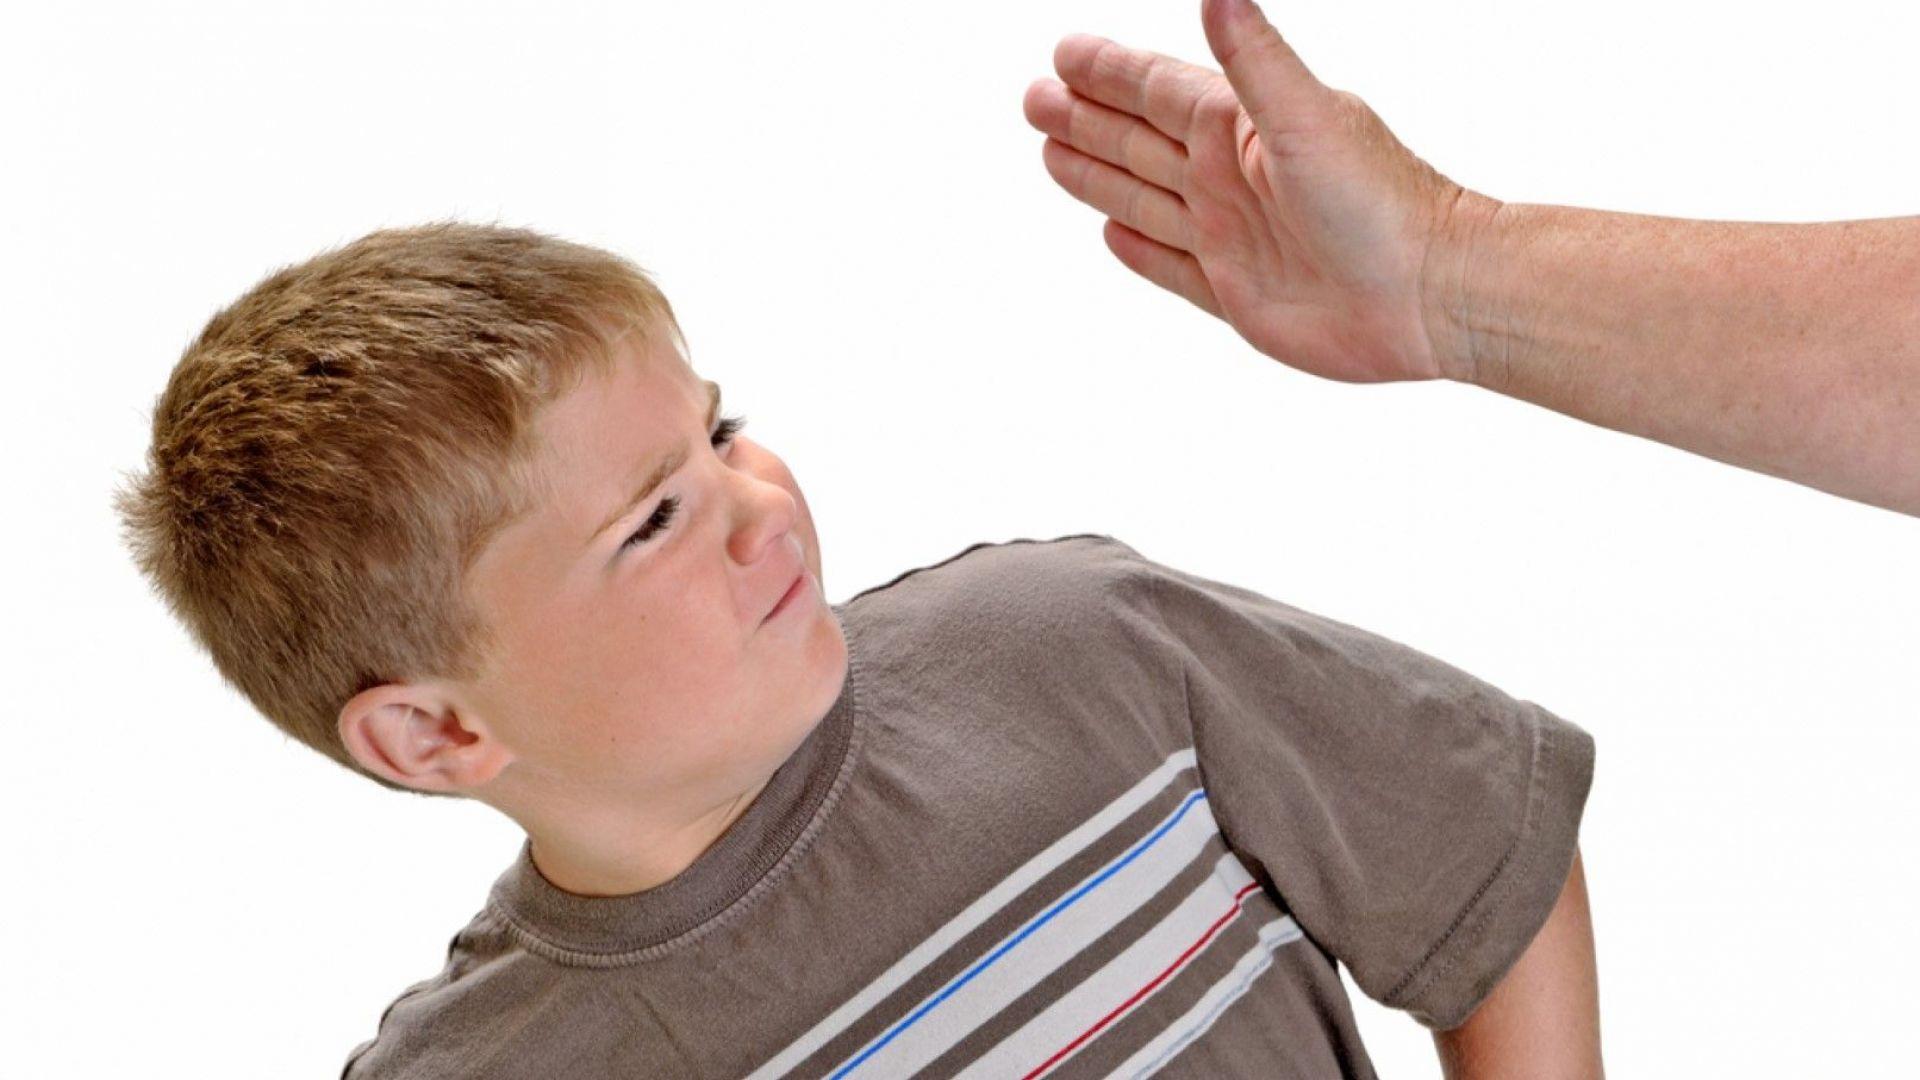 Около 2/3 от родителите са шамаросвали децата си